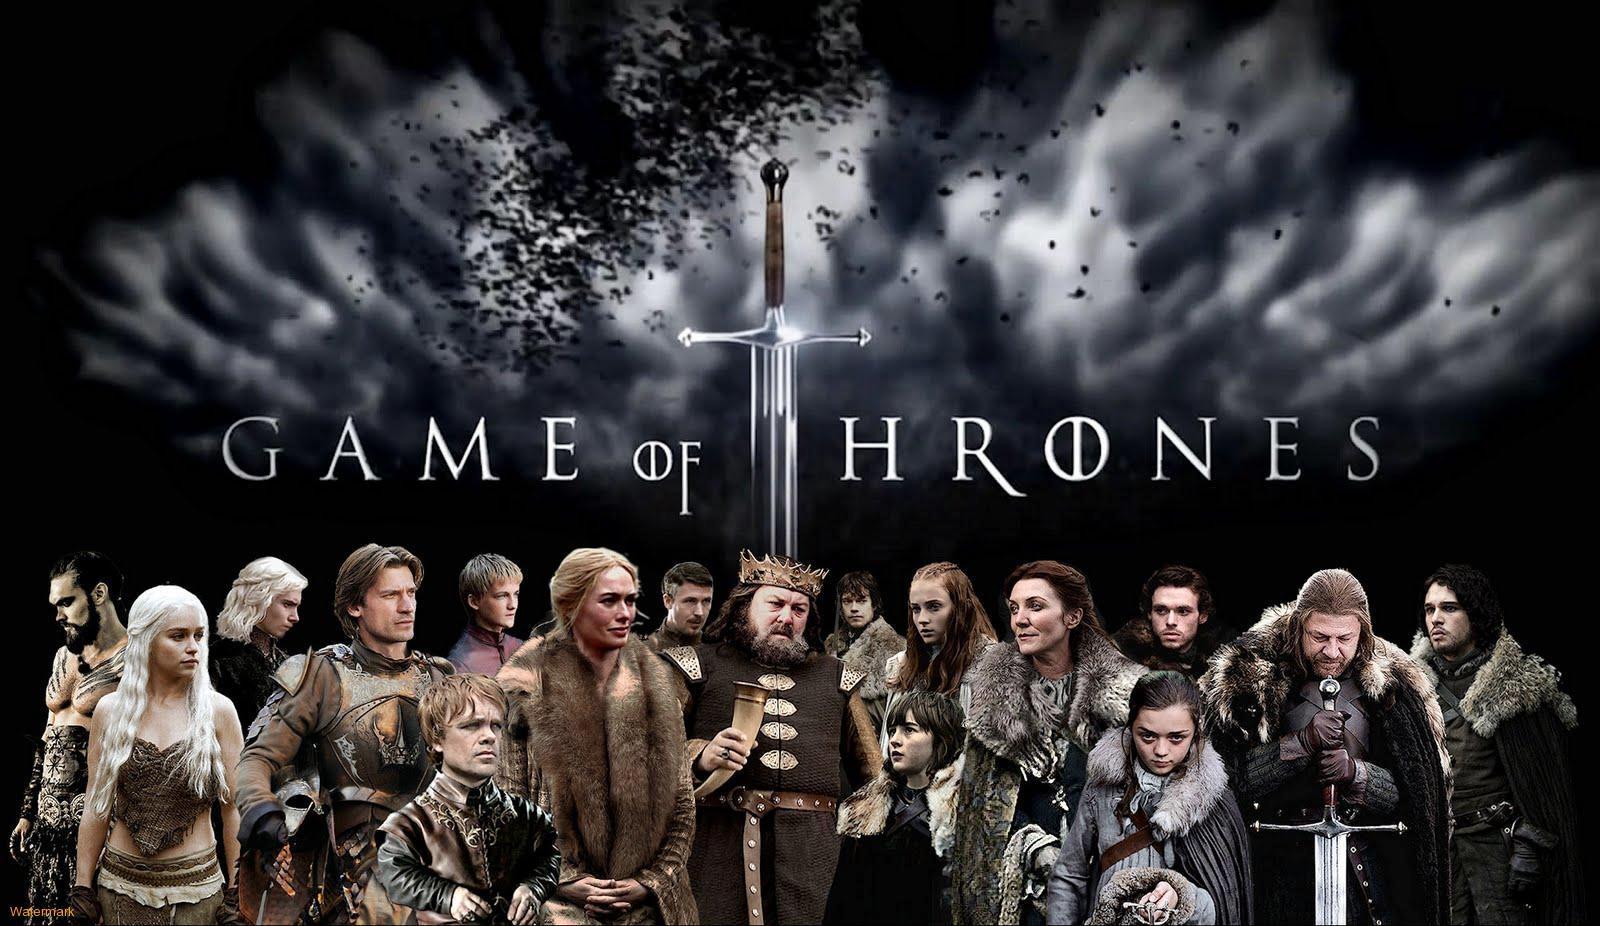 Фанатизм крепчает: 10 шокирующих фанатских теорий о судьбах героев «Игры престолов»